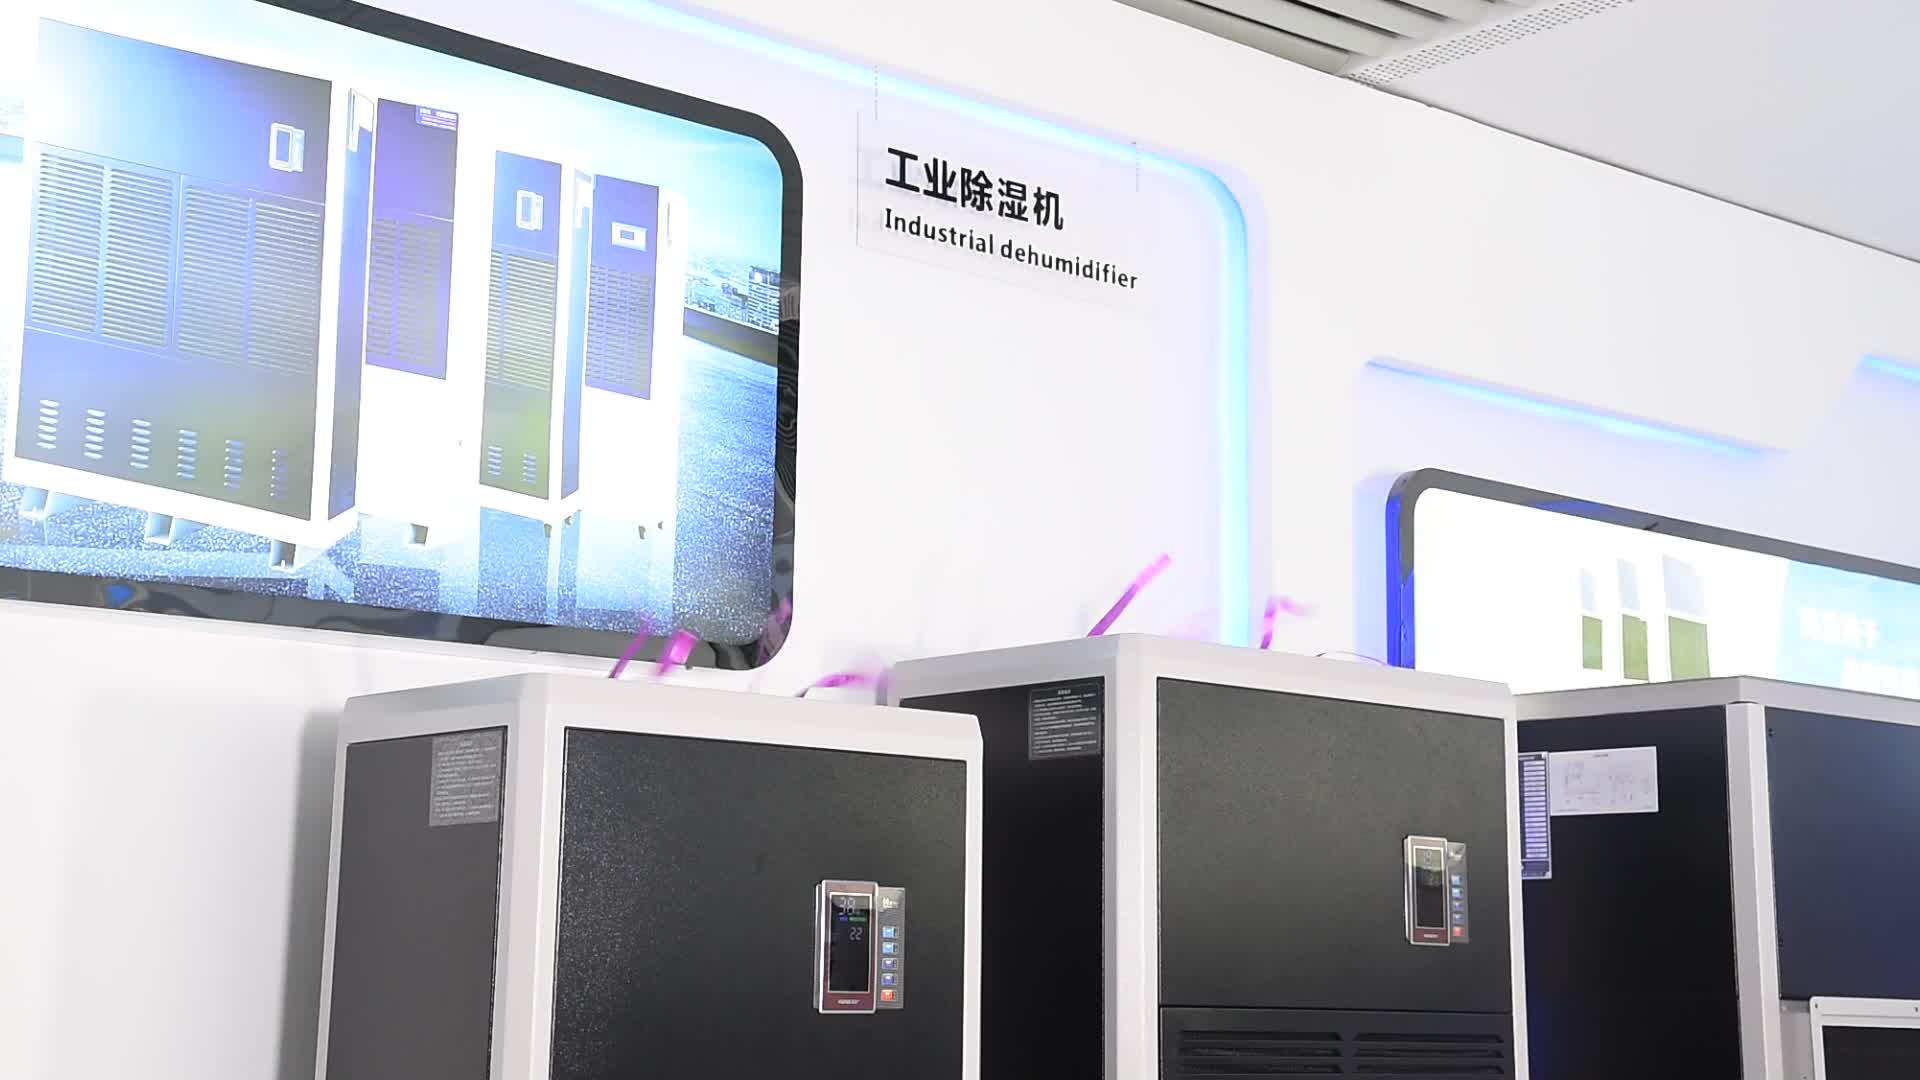 Led אלקטרוני מסך בזמן אמת ניטור ארון סוג מחסן תעשייתי מסיר לחות